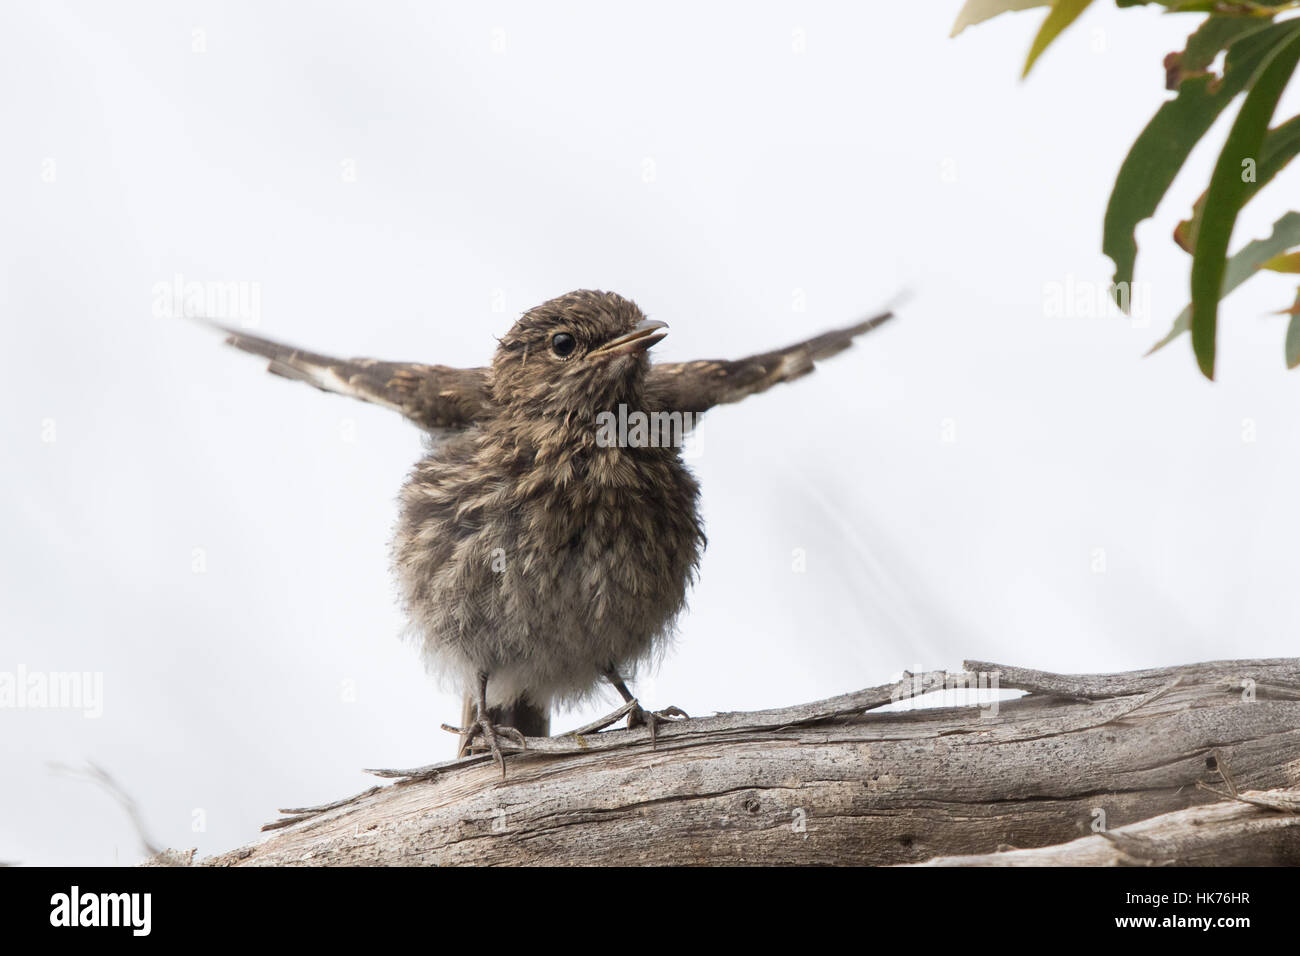 juvenile Dusky Robin (Melanodryas vittata) begging to be fed - Stock Image